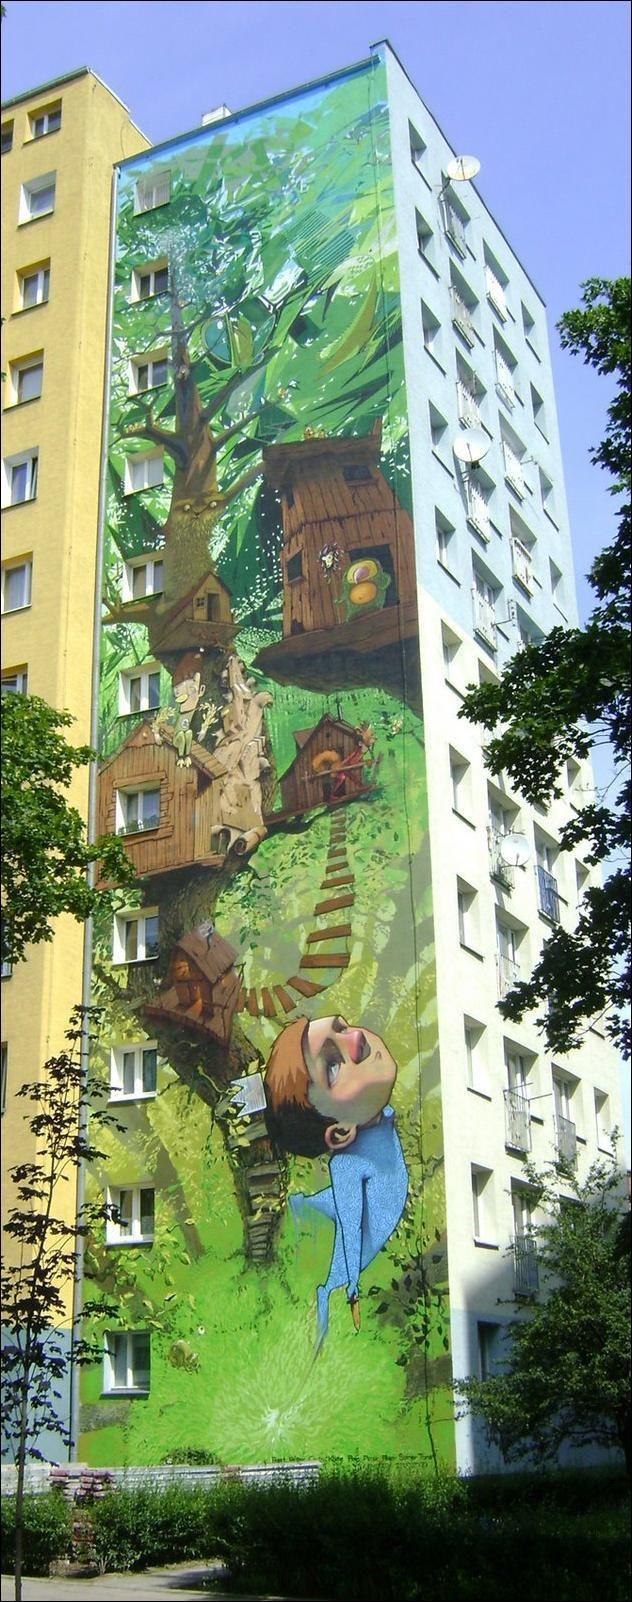 Creative Wall Painting (2 pics)